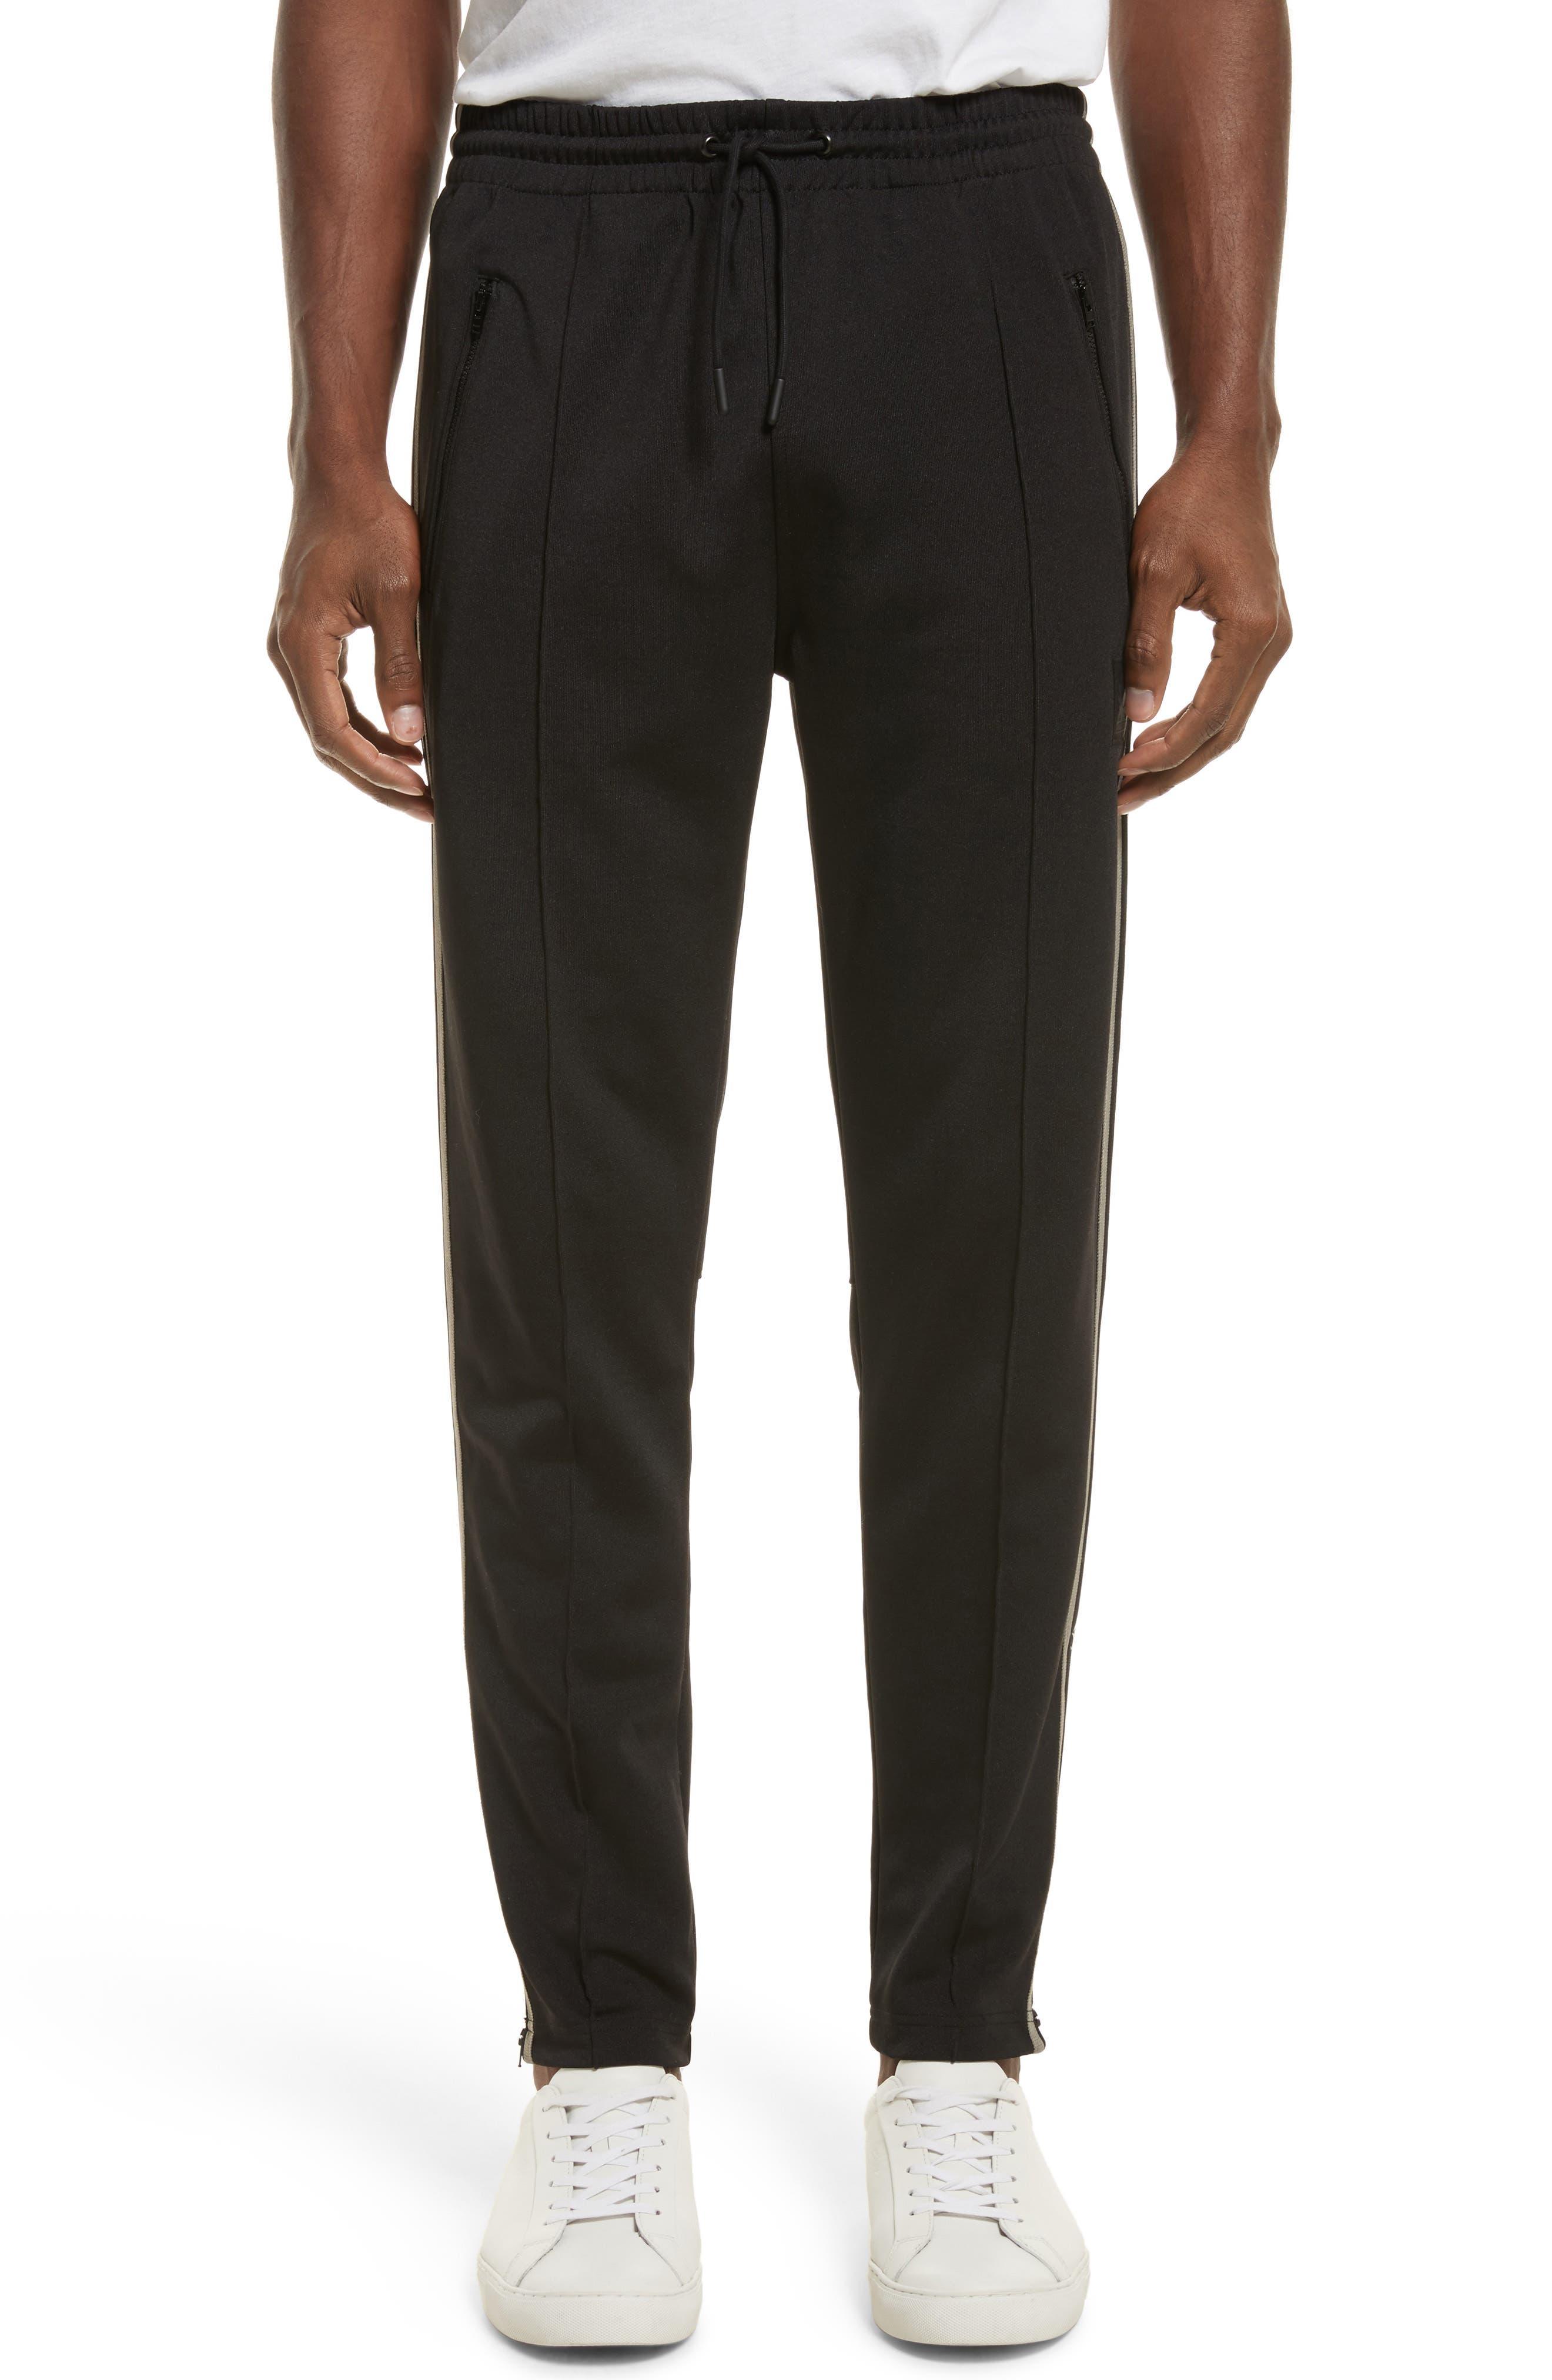 Combrose Track Pants,                         Main,                         color, Black